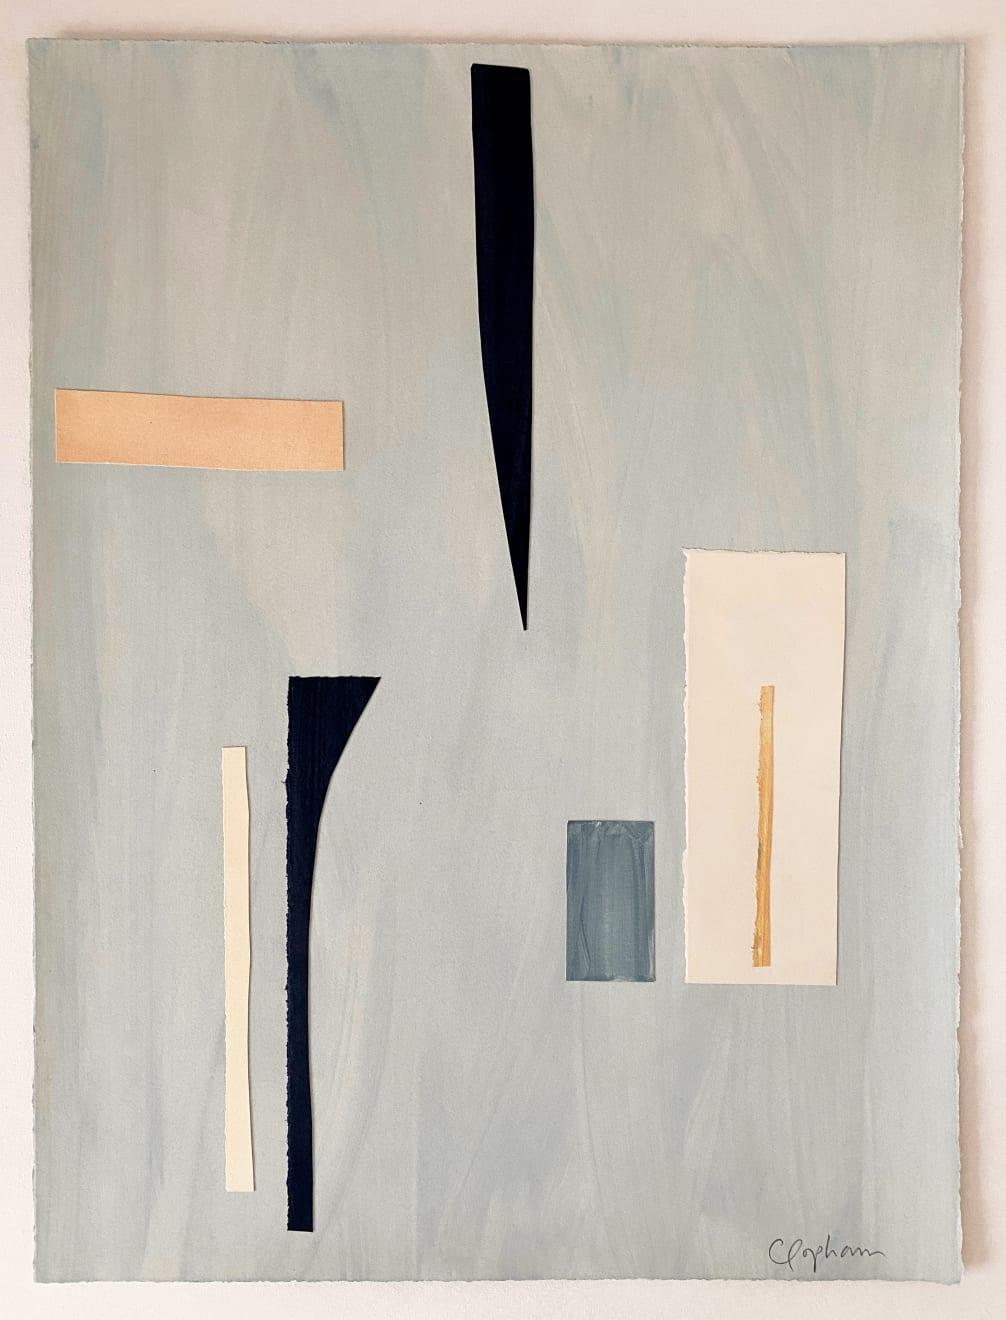 Caroline Popham, Untitled 20-25, 2020